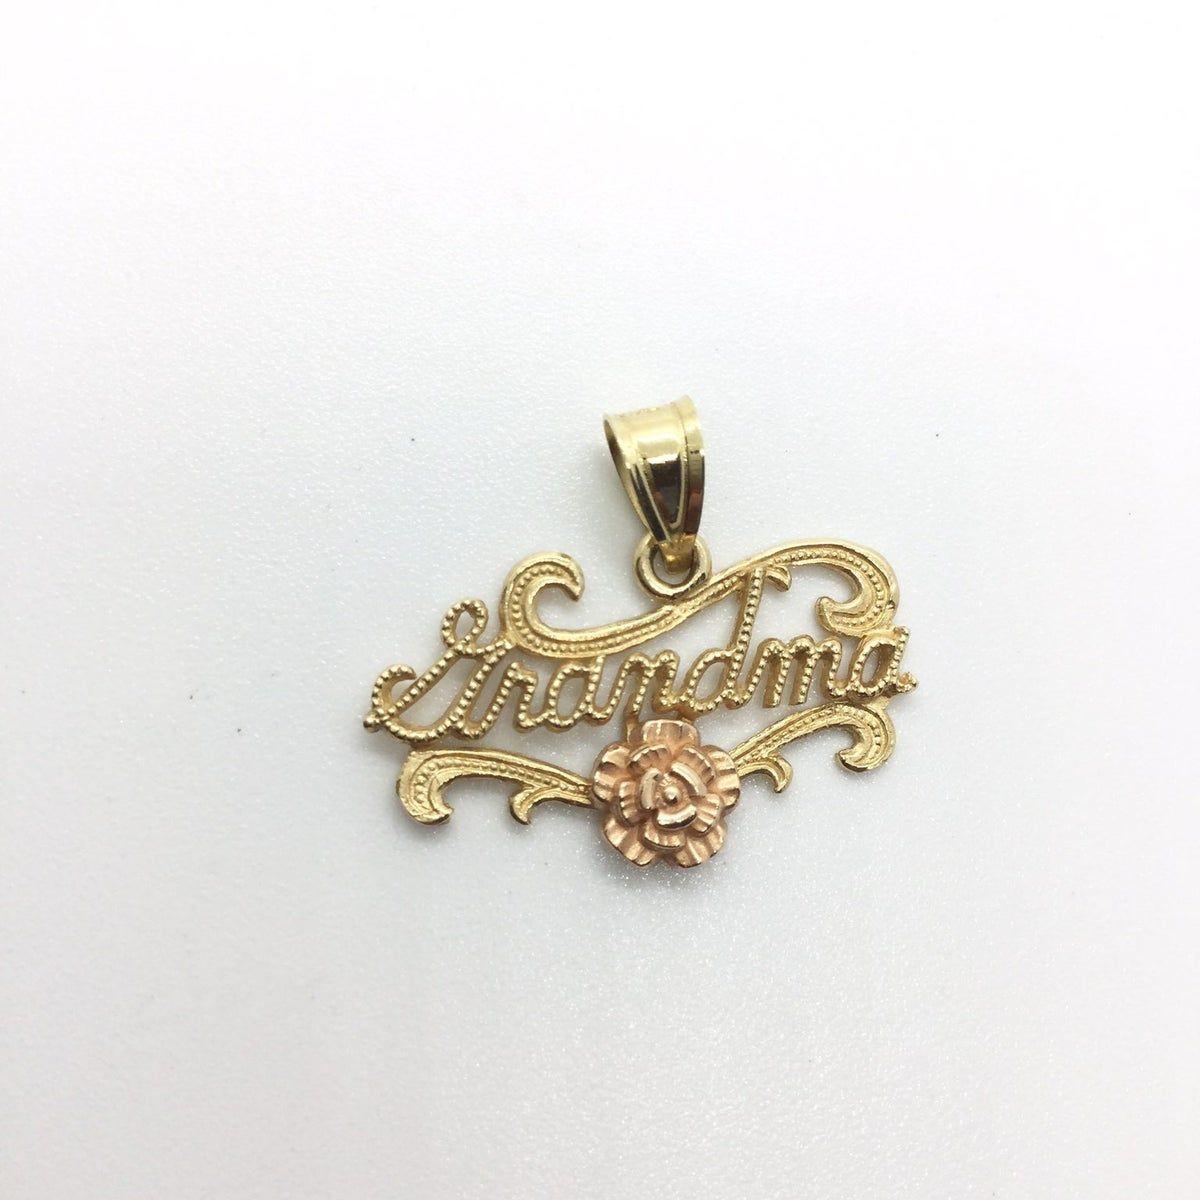 14k Gold Grandma Pendant Necklace Ma Fine Jewelry Designers Pendant Necklace 14k Gold